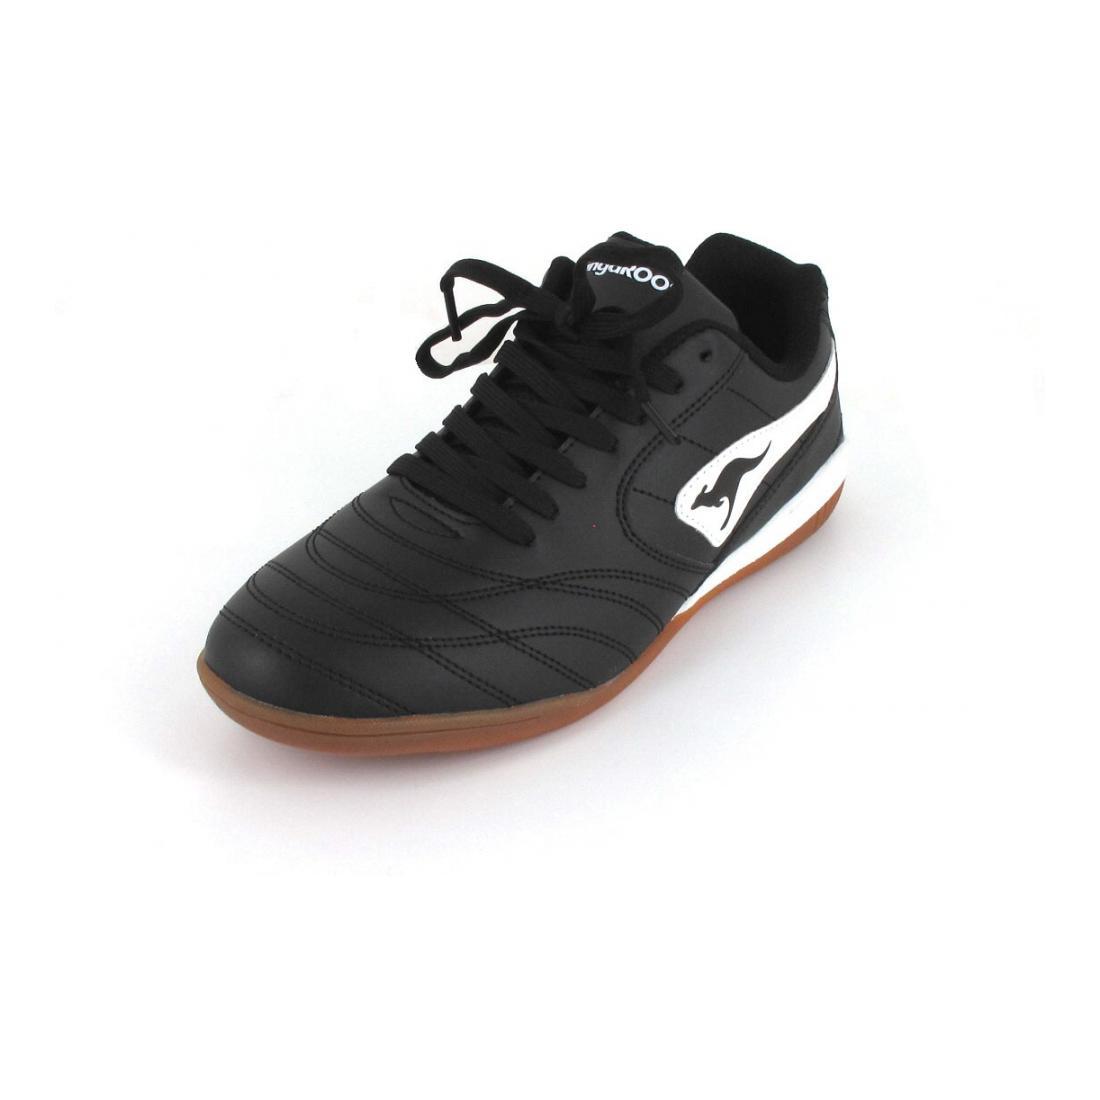 KangaRoos Sneaker K-Watch